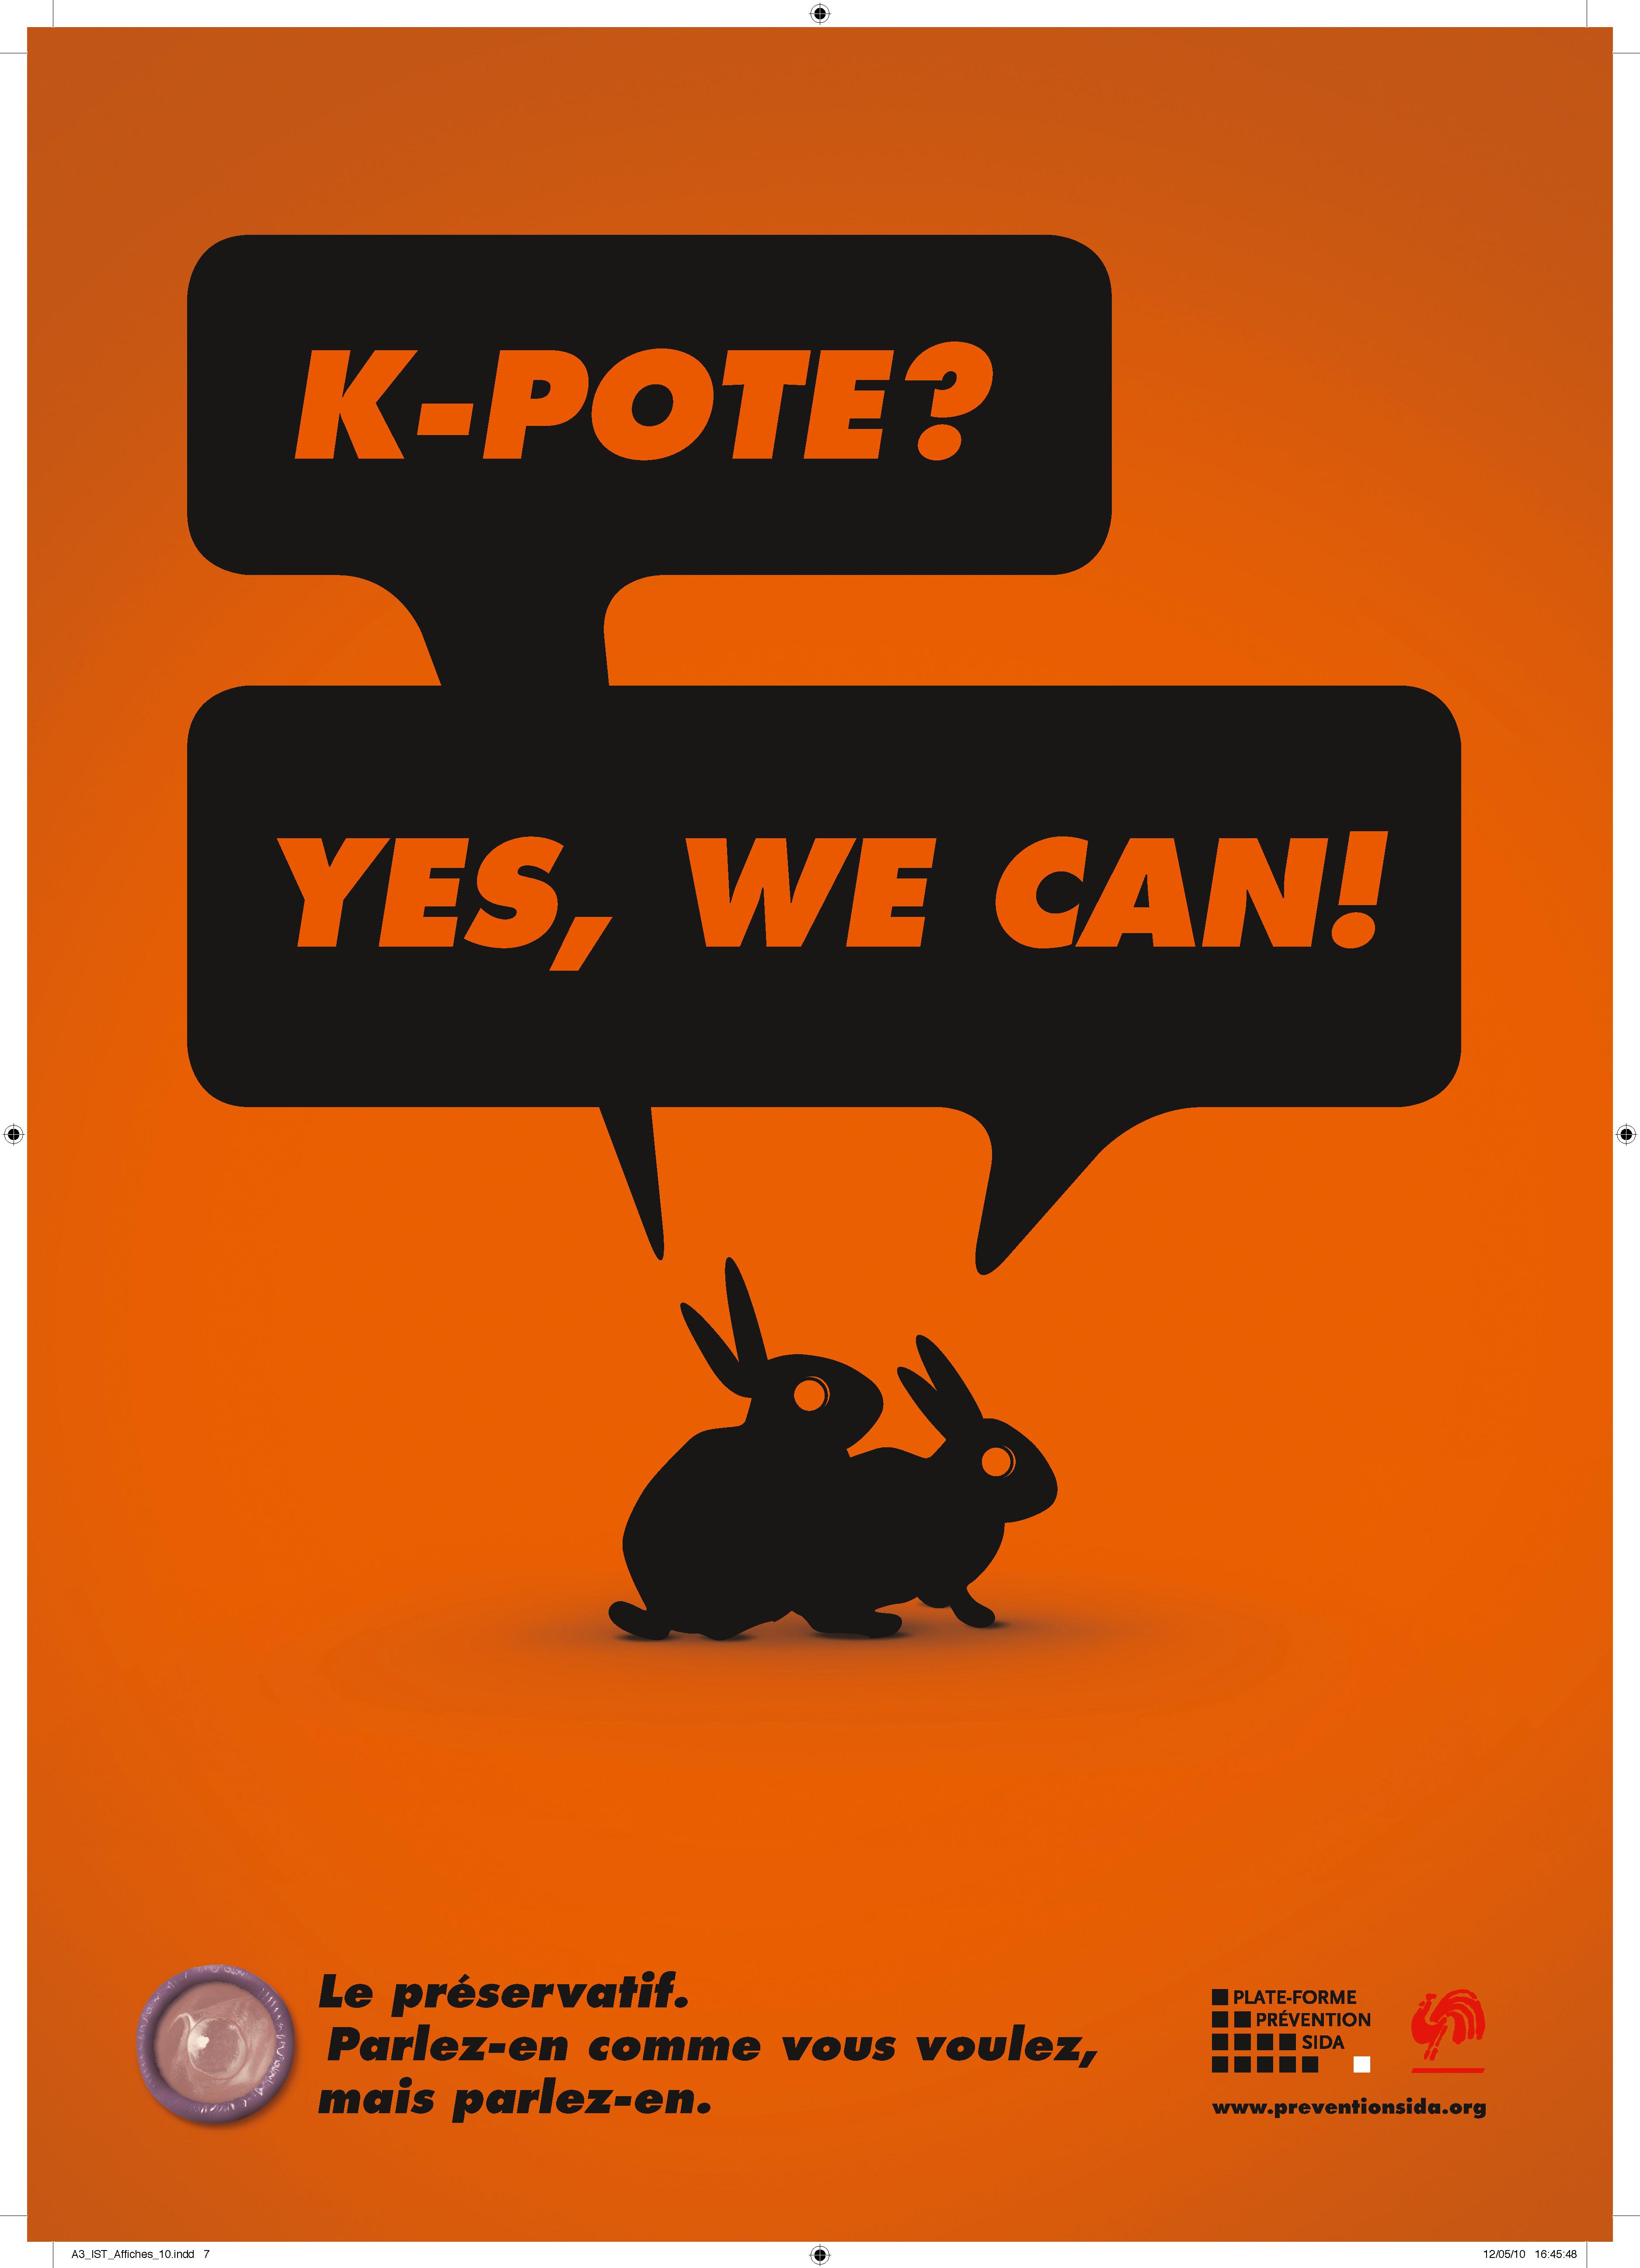 PPS_Outils_Parlezencommevousvoulez_affiches_1_Page_07